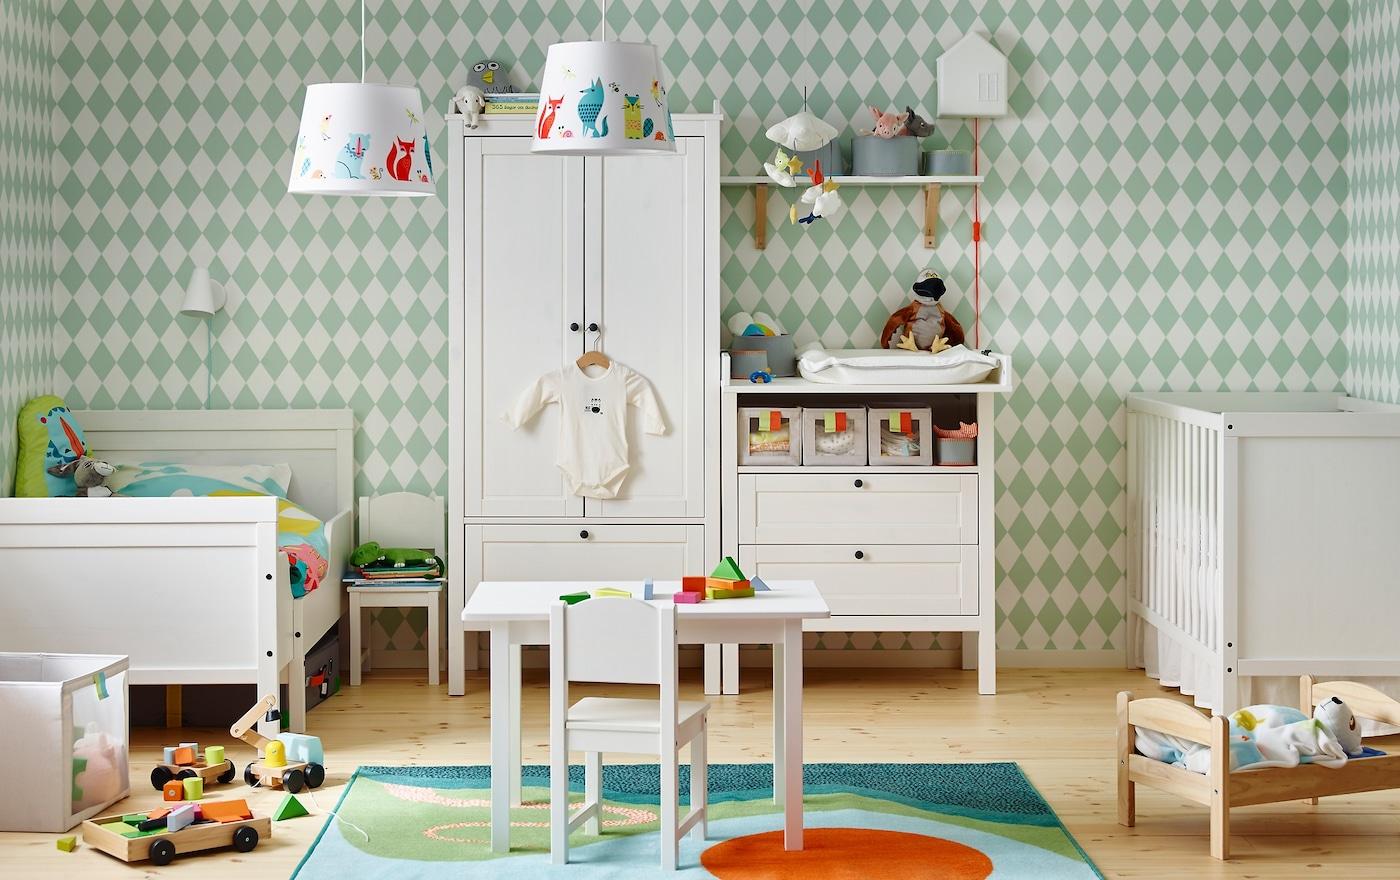 Chambre partagée avec table à langer SUNDVIK qui se convertit en table à langer, lit bébé SUNDVIK et lit extensible SUNDVIK contre un mur à losanges vert clair et blanc.